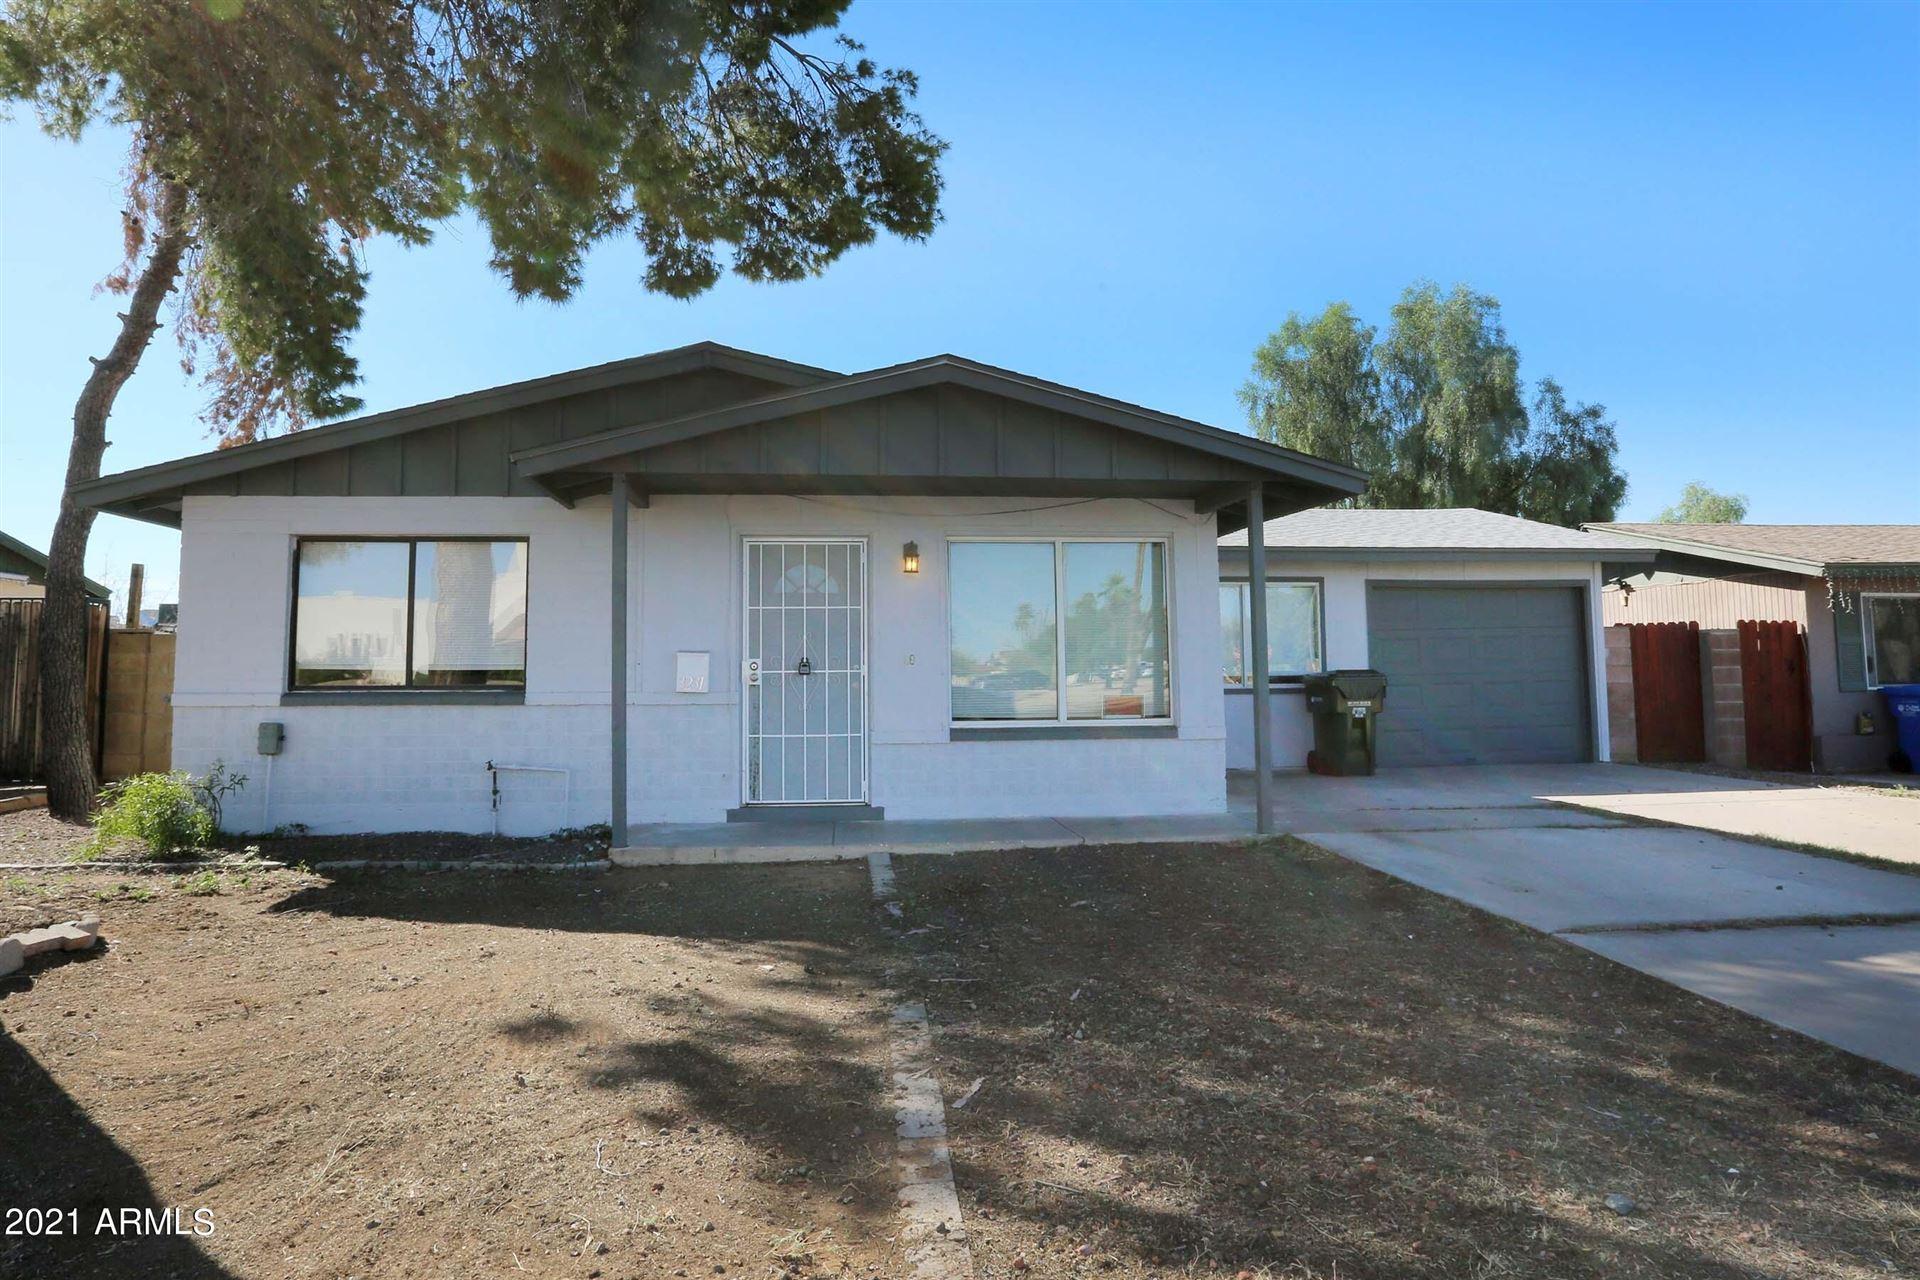 3231 W GREENWAY Road, Phoenix, AZ 85053 - MLS#: 6306433